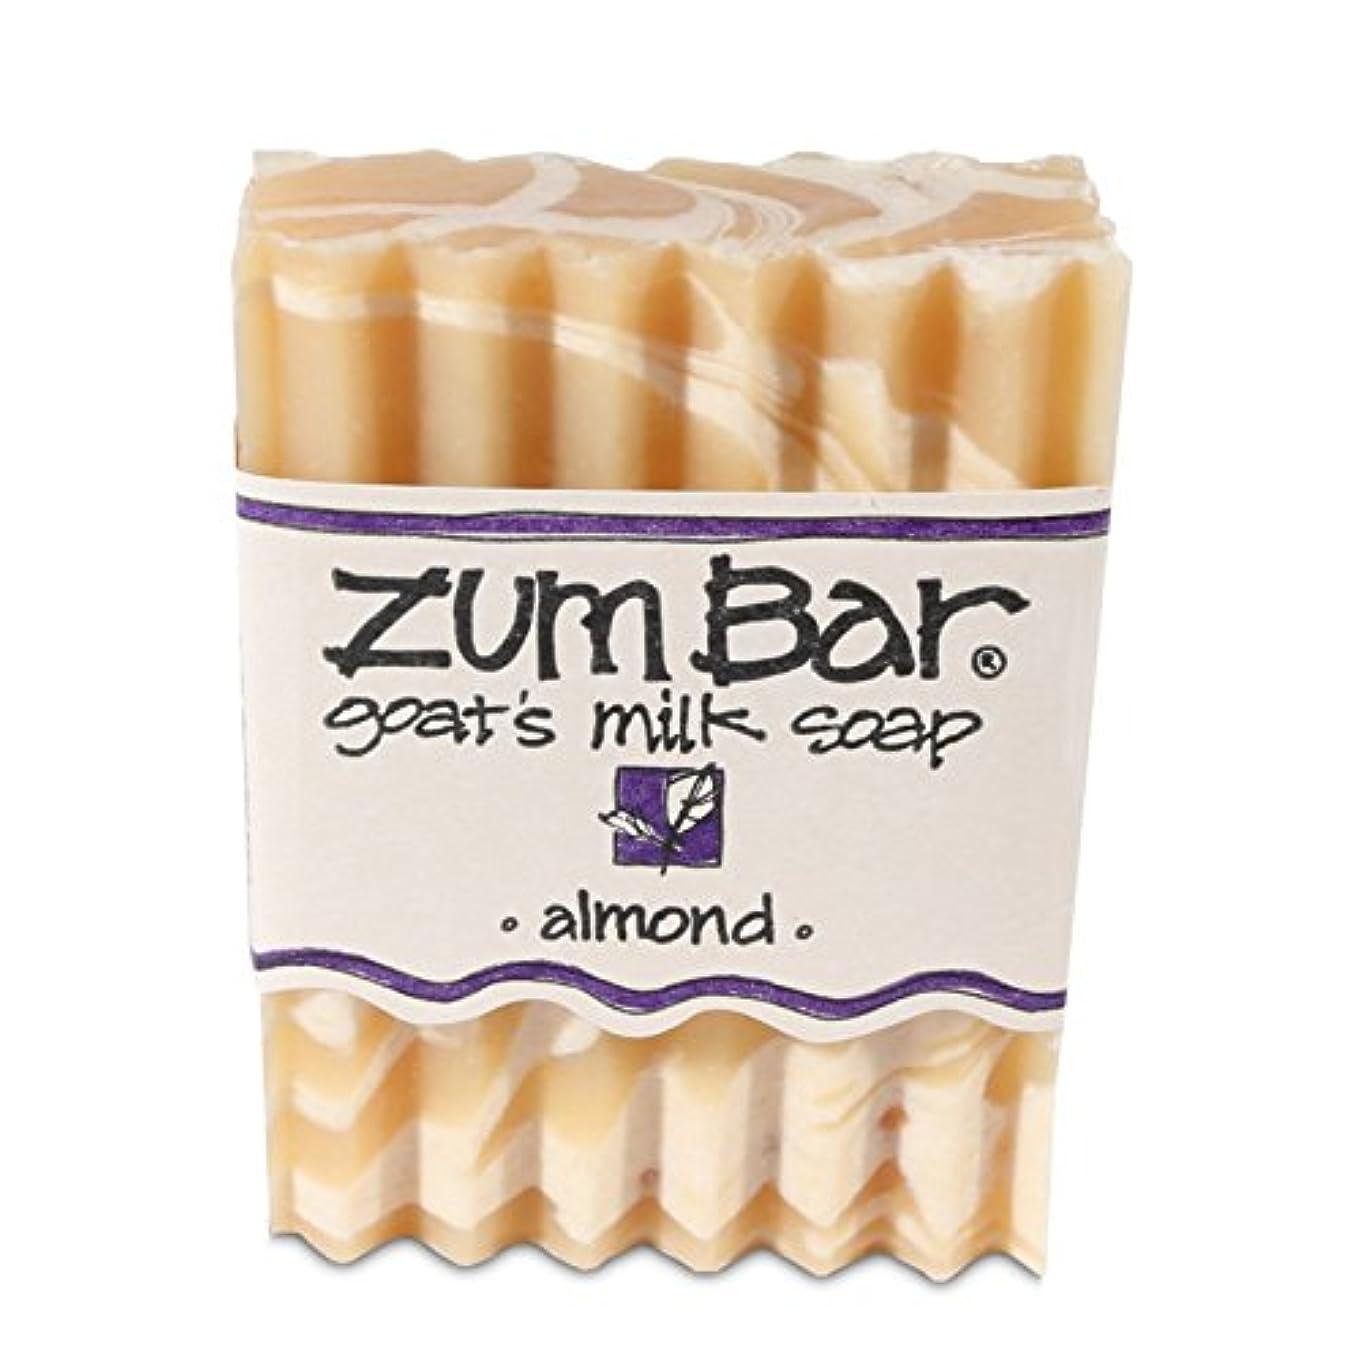 有害なレインコートカブ海外直送品 Indigo Wild, Zum Bar, Goat's ミルク ソープ アーモンド , 3 Ounces (2個セット) (Almond) [並行輸入品]